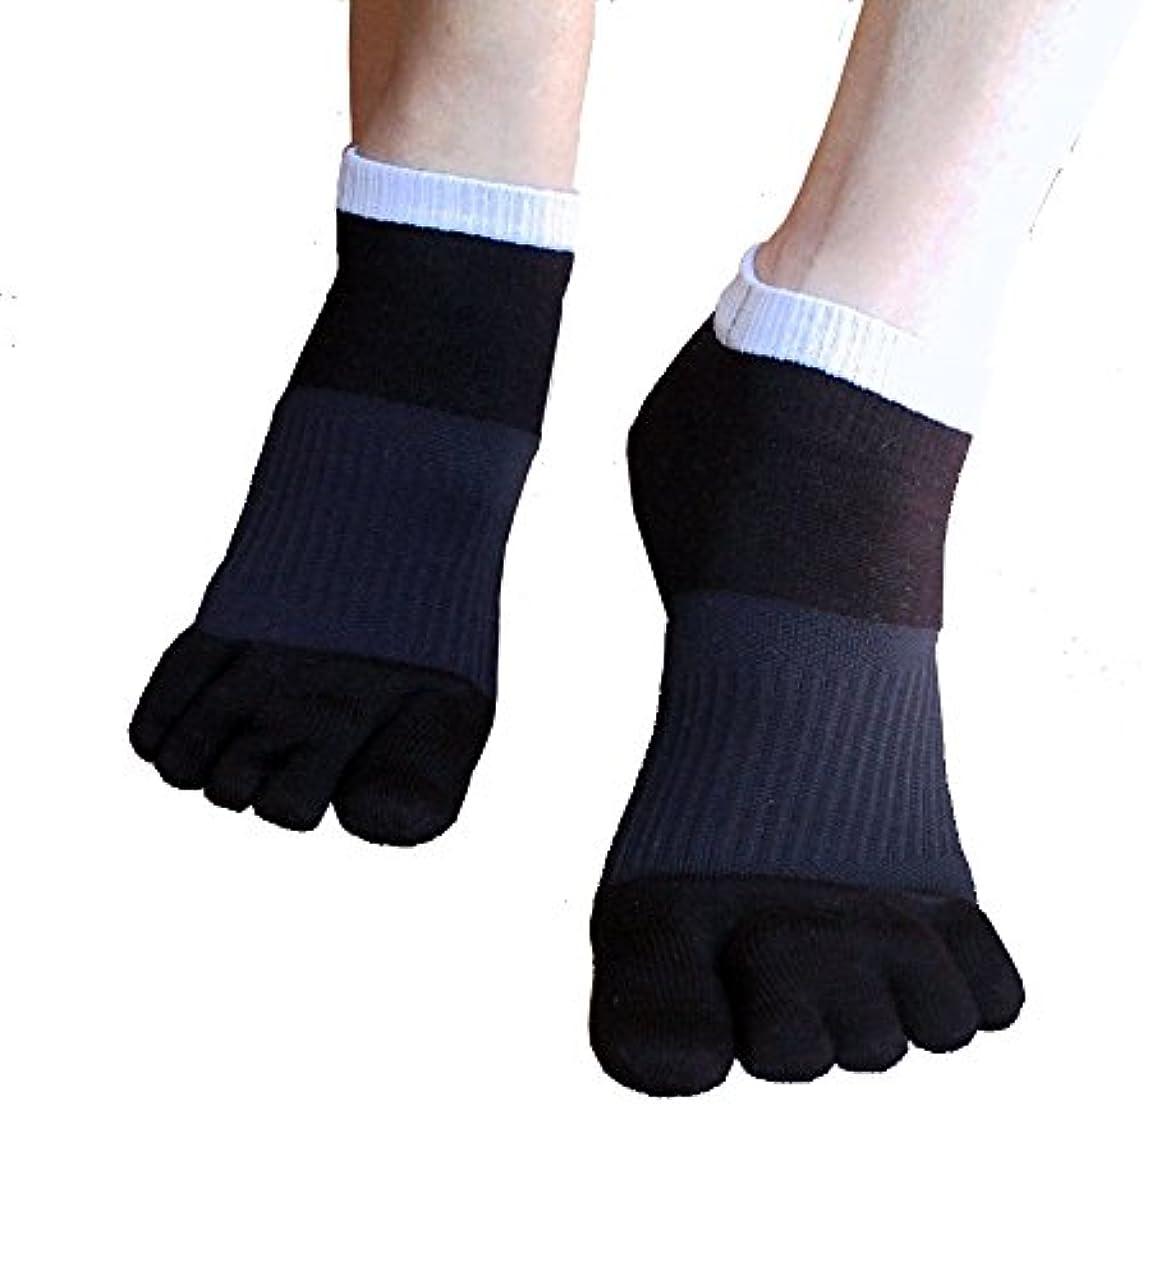 ペンダント把握トレイル外反母趾対策 ふしぎな5本指テーピング靴下 スニーカータイプ 22-24cm?ブラック(色は2色、サイズは3サイズ)